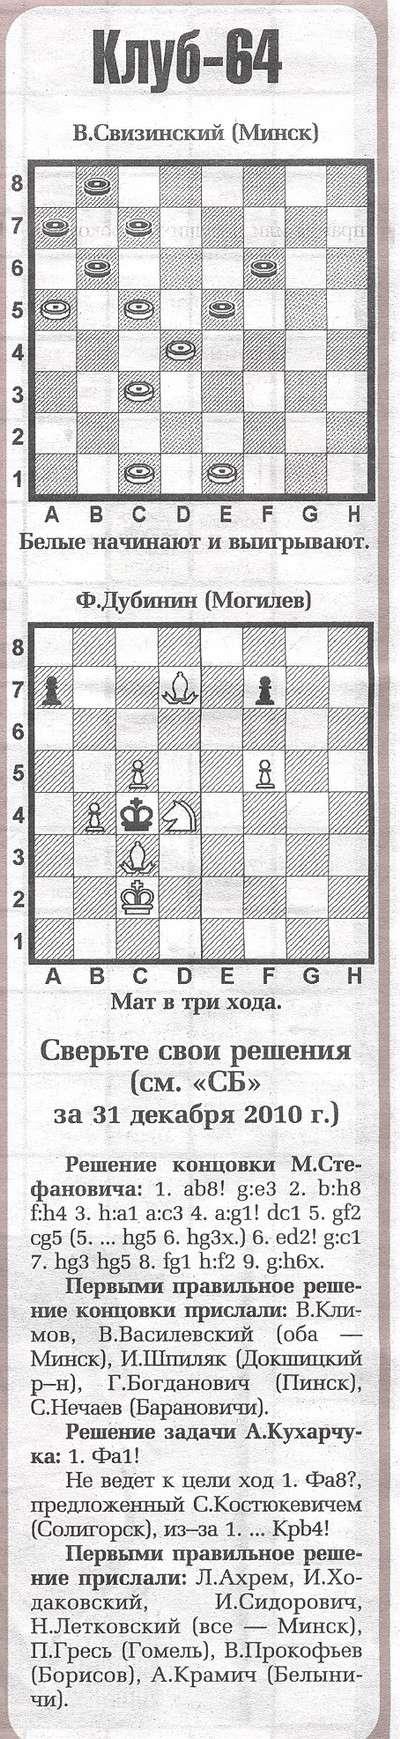 Беларусь сегодня (Минск) 11011411